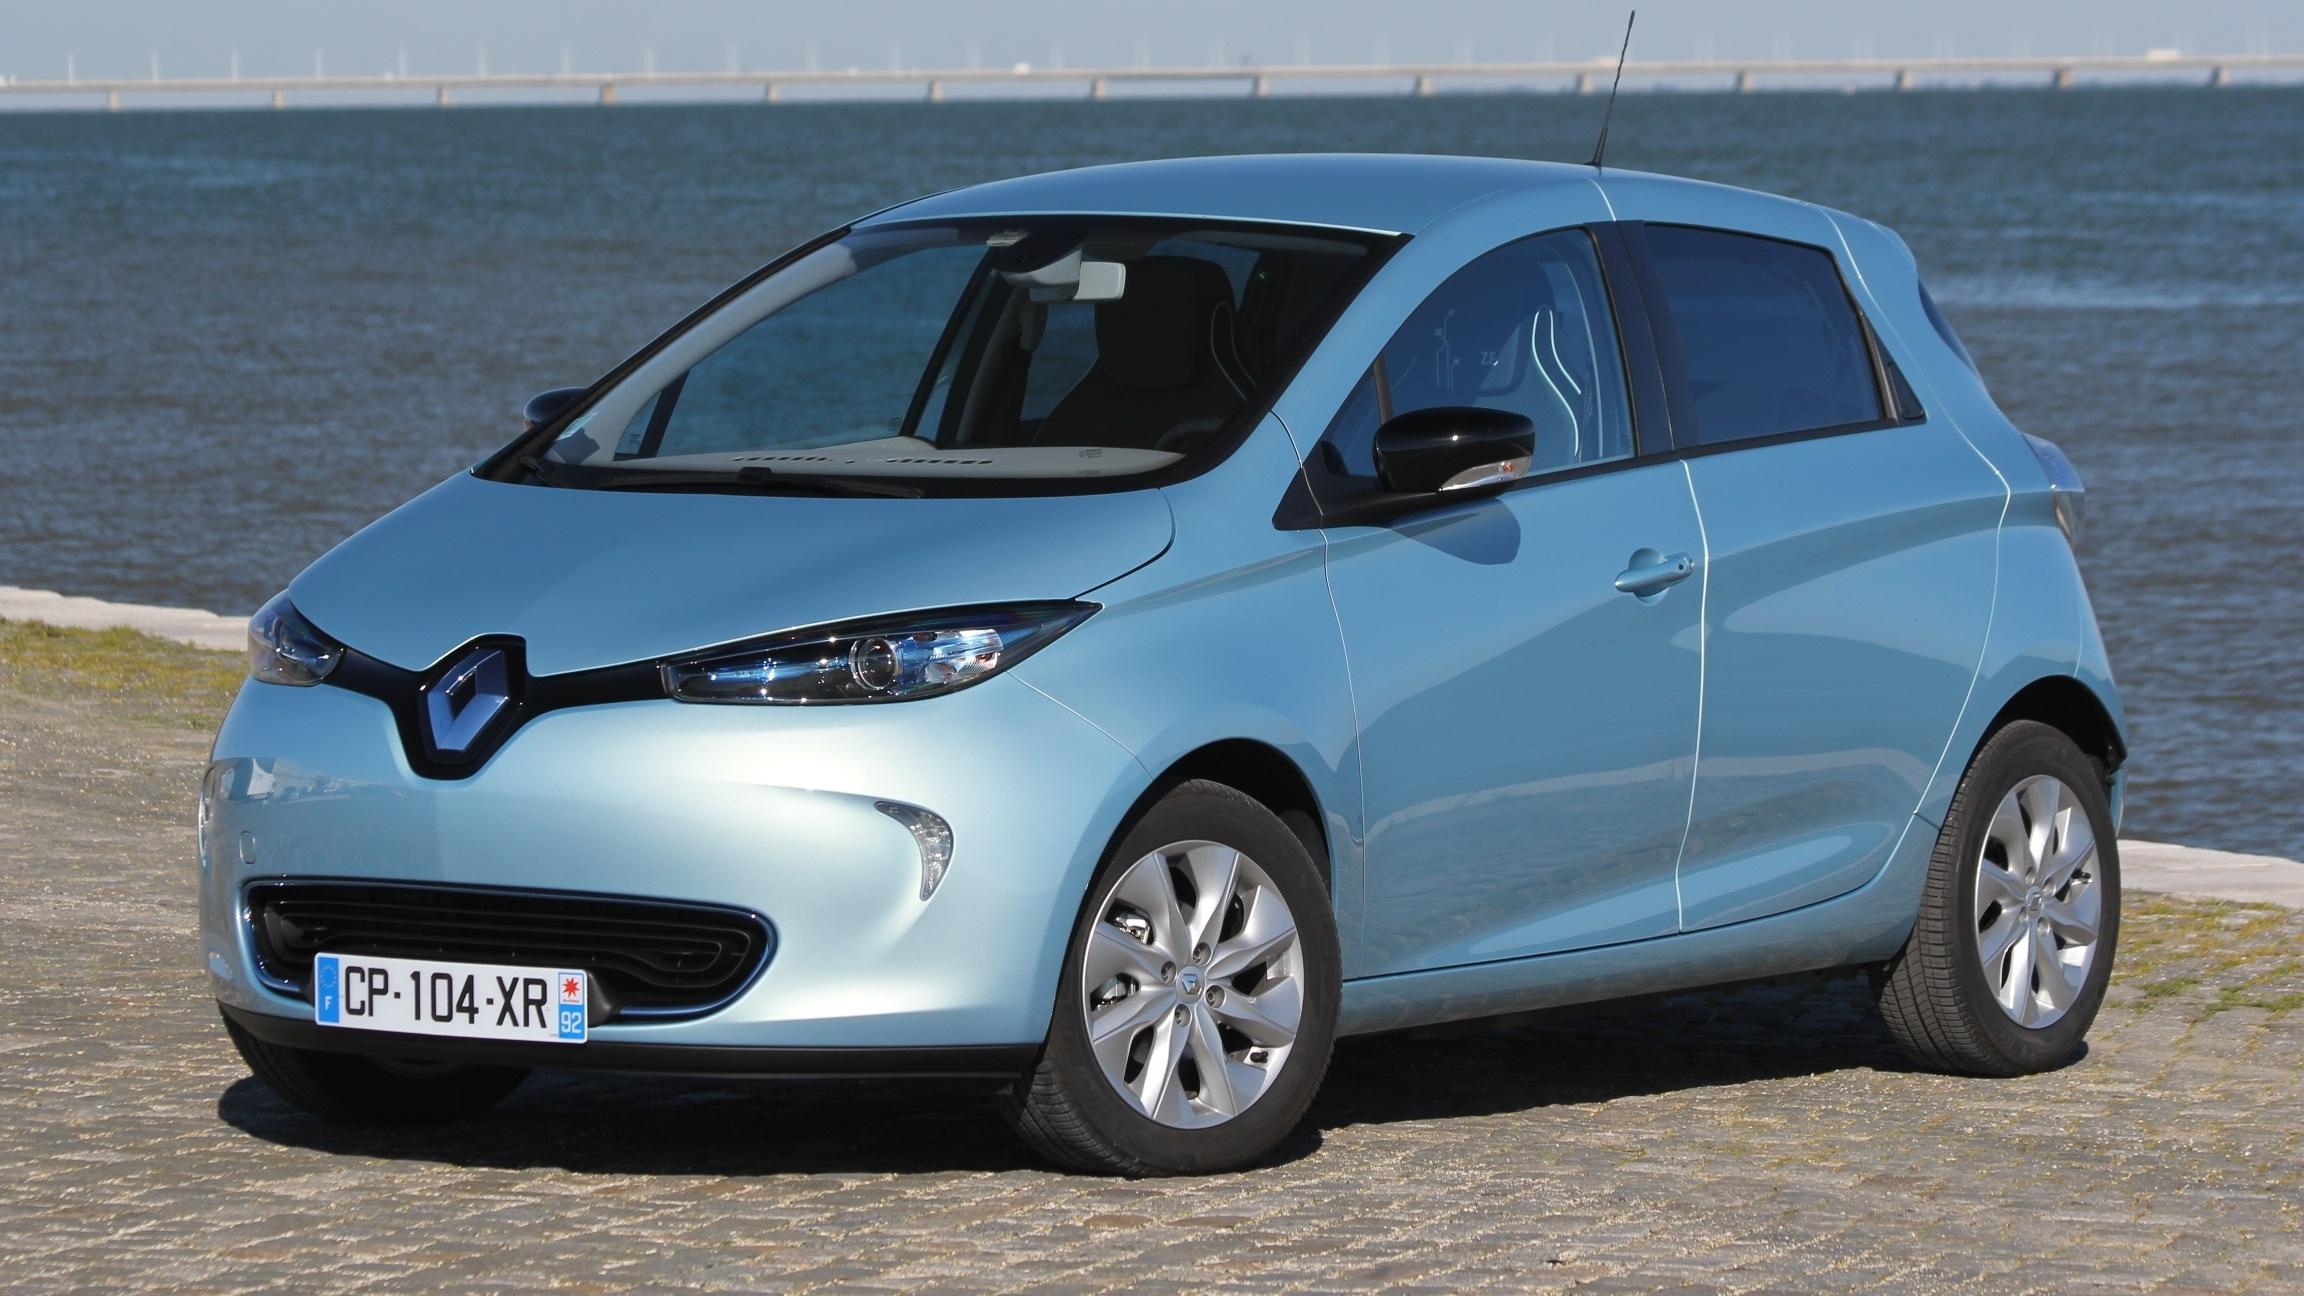 Les avantages d'acheter une voiture électrique d'occasion